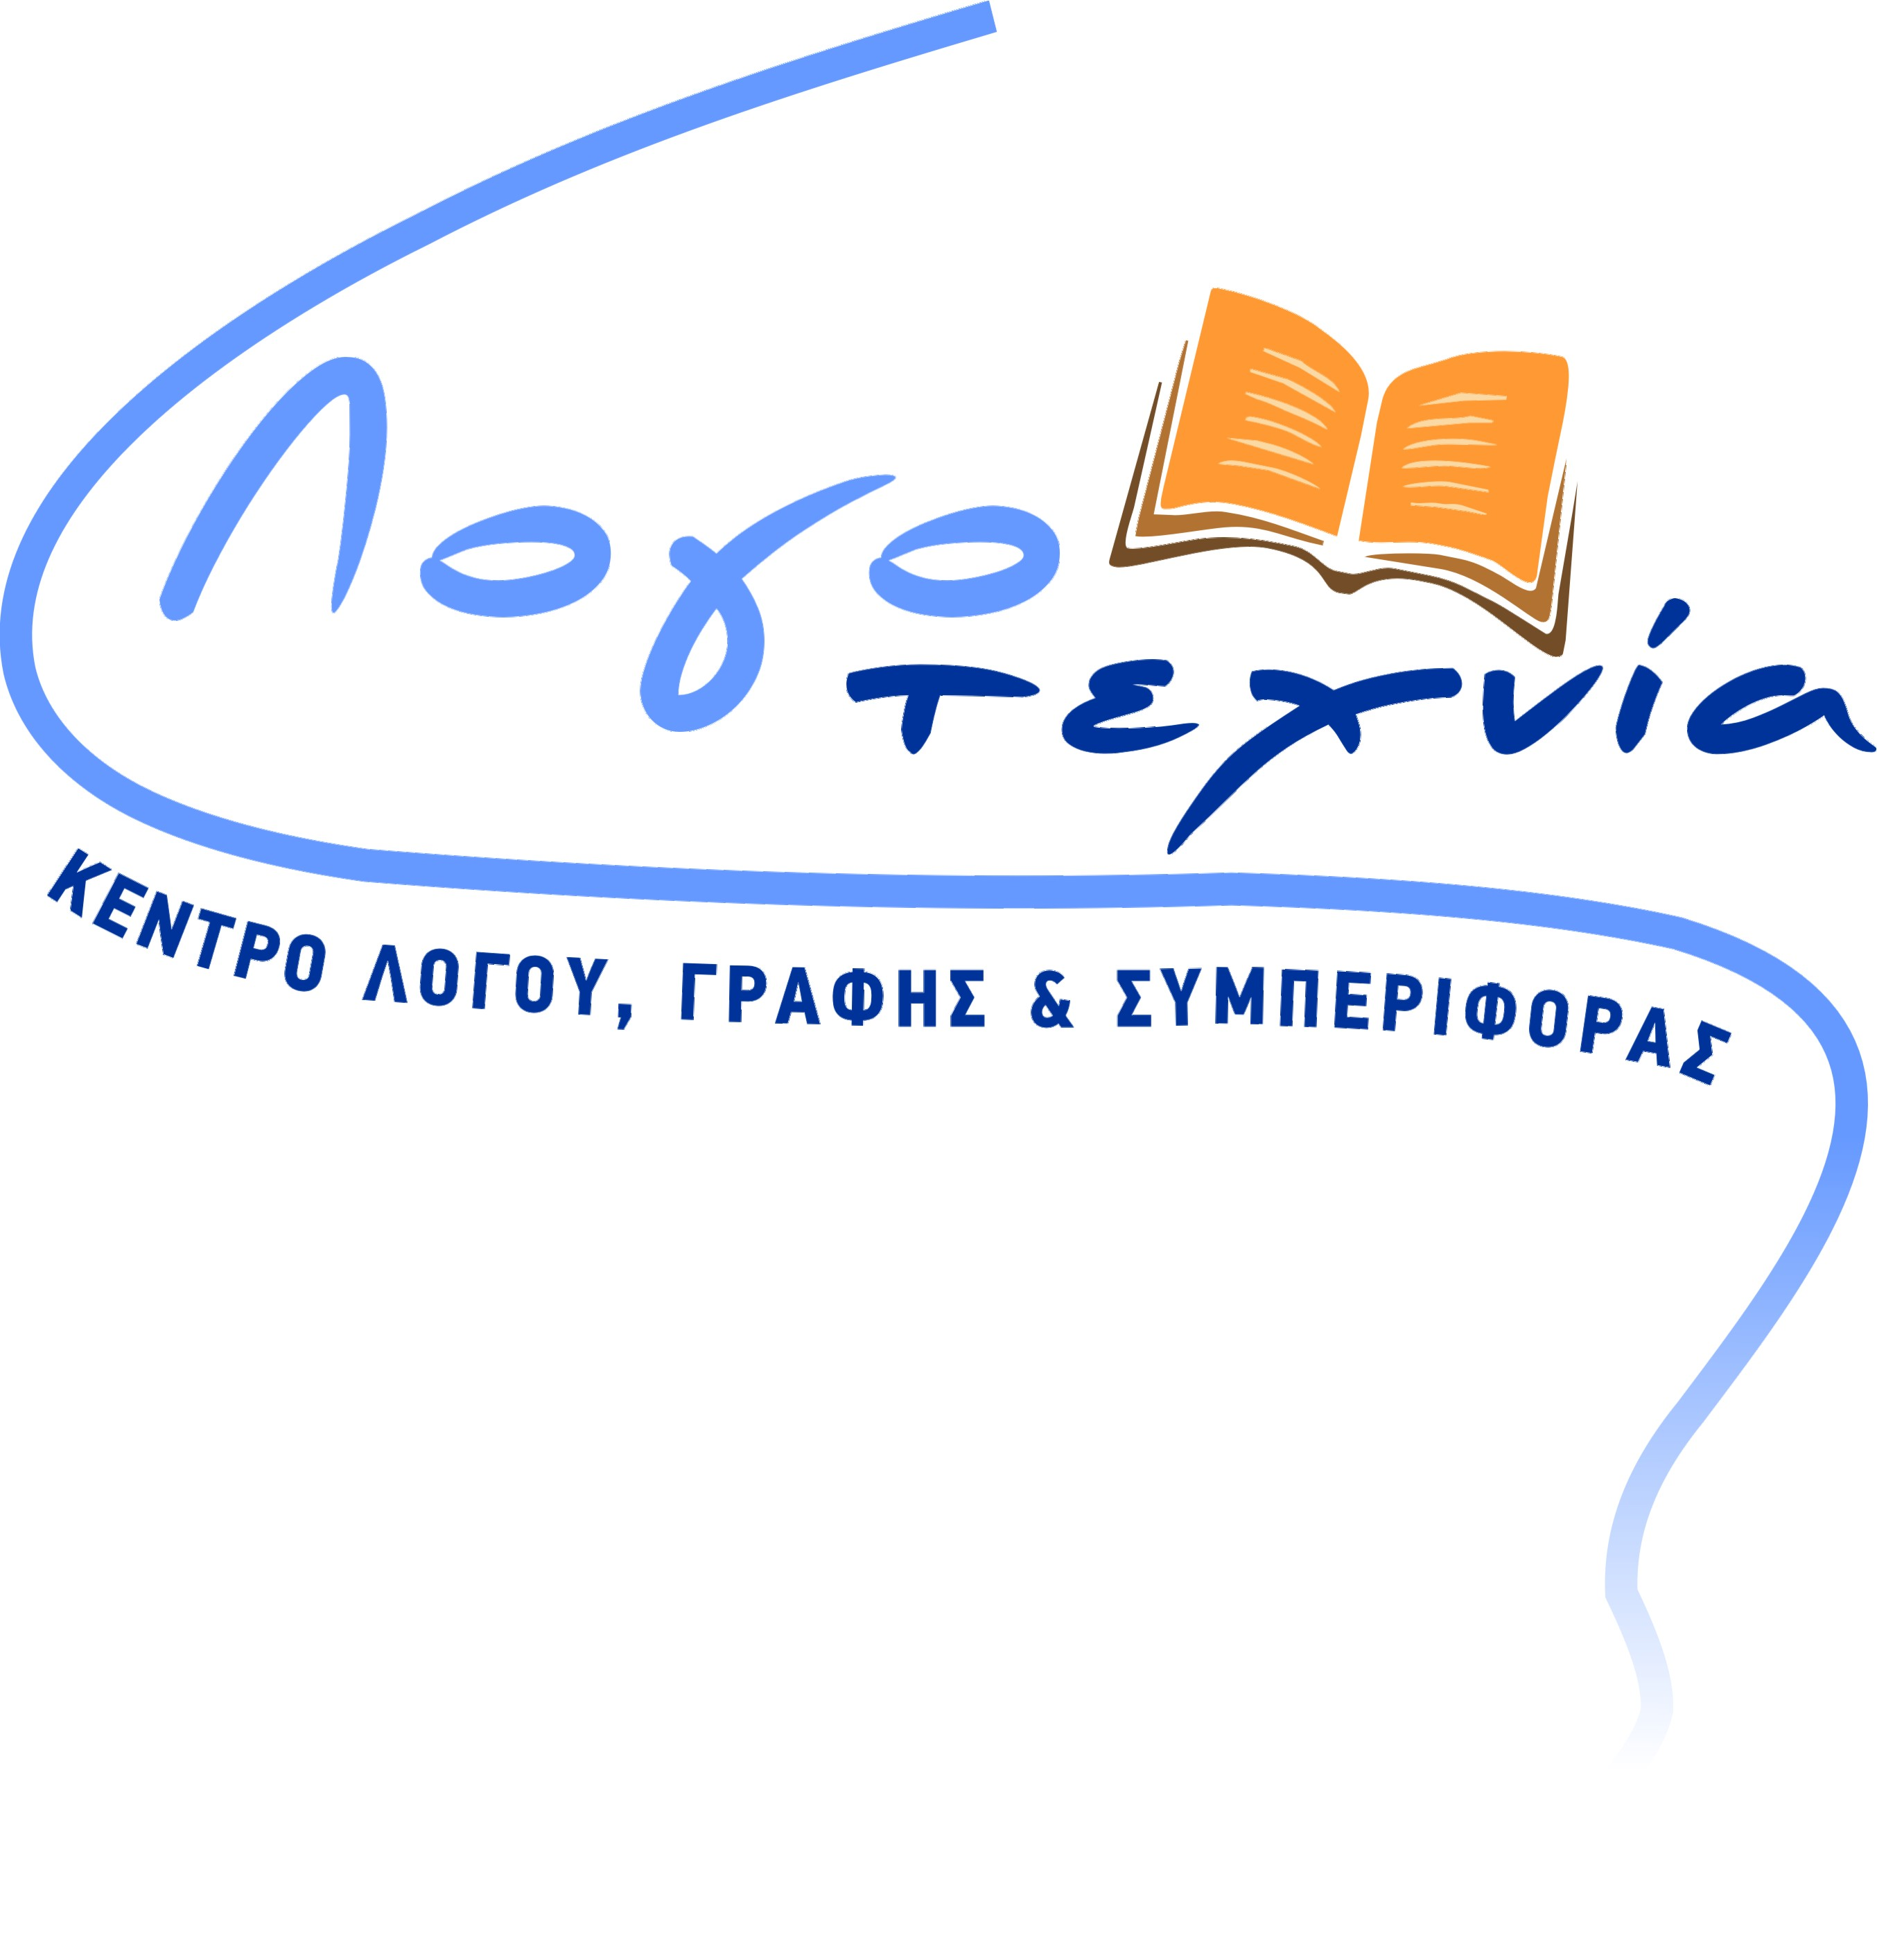 Λογότυπο του Κέντρου Λόγου Γραφής και Συμπεριφοράς - ΛΟΓΟΤΕΧΝΙΑ.